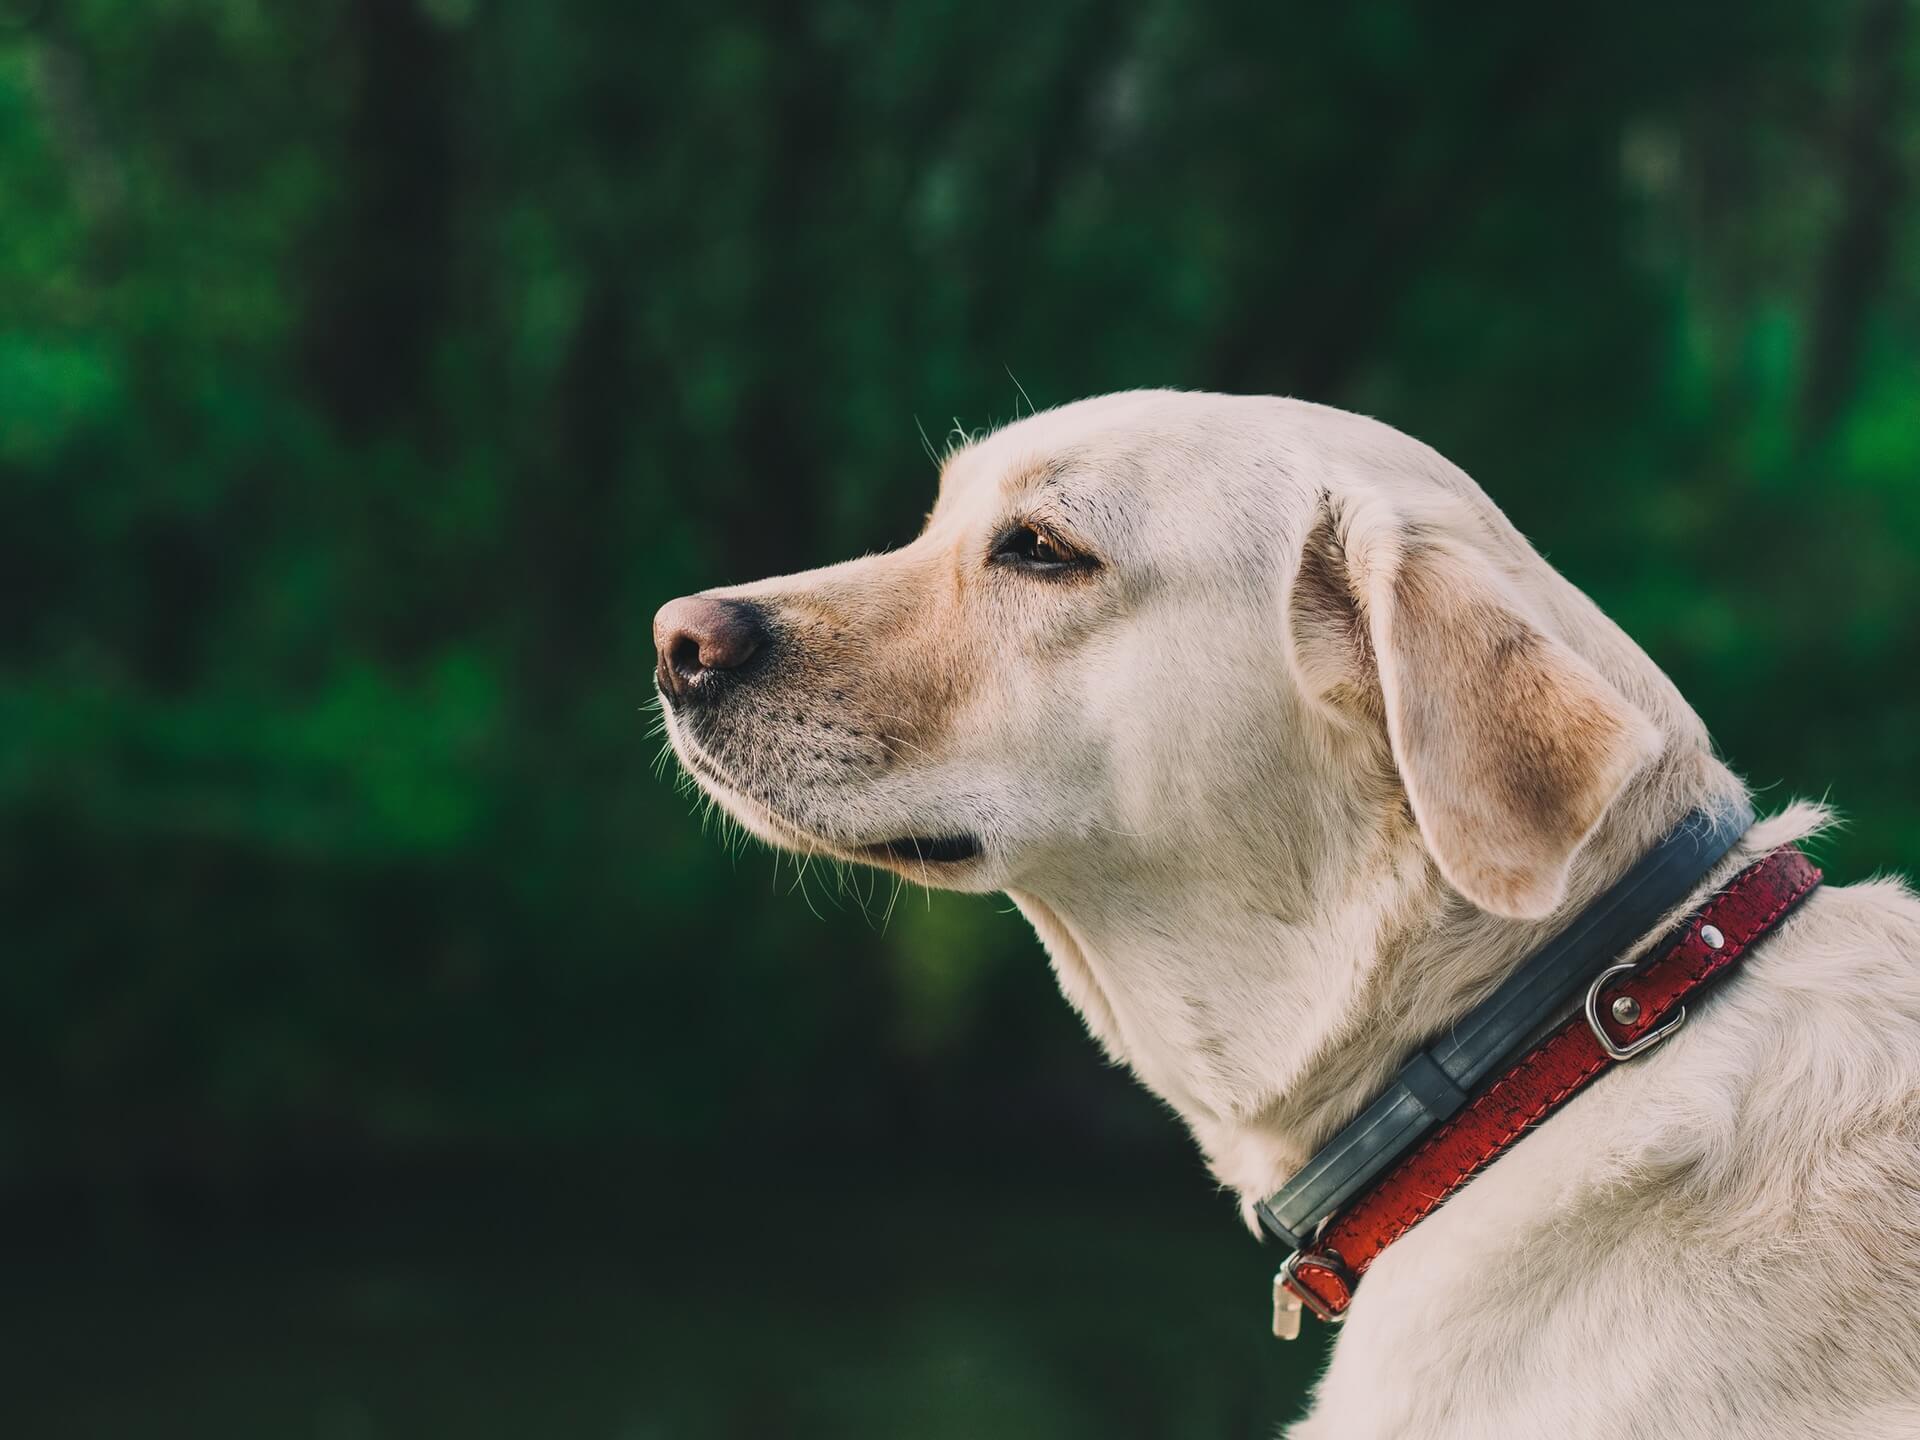 bébé meilleure collection artisanat de qualité Collier anti-puce chien ⇒ Les meilleurs modèles efficaces